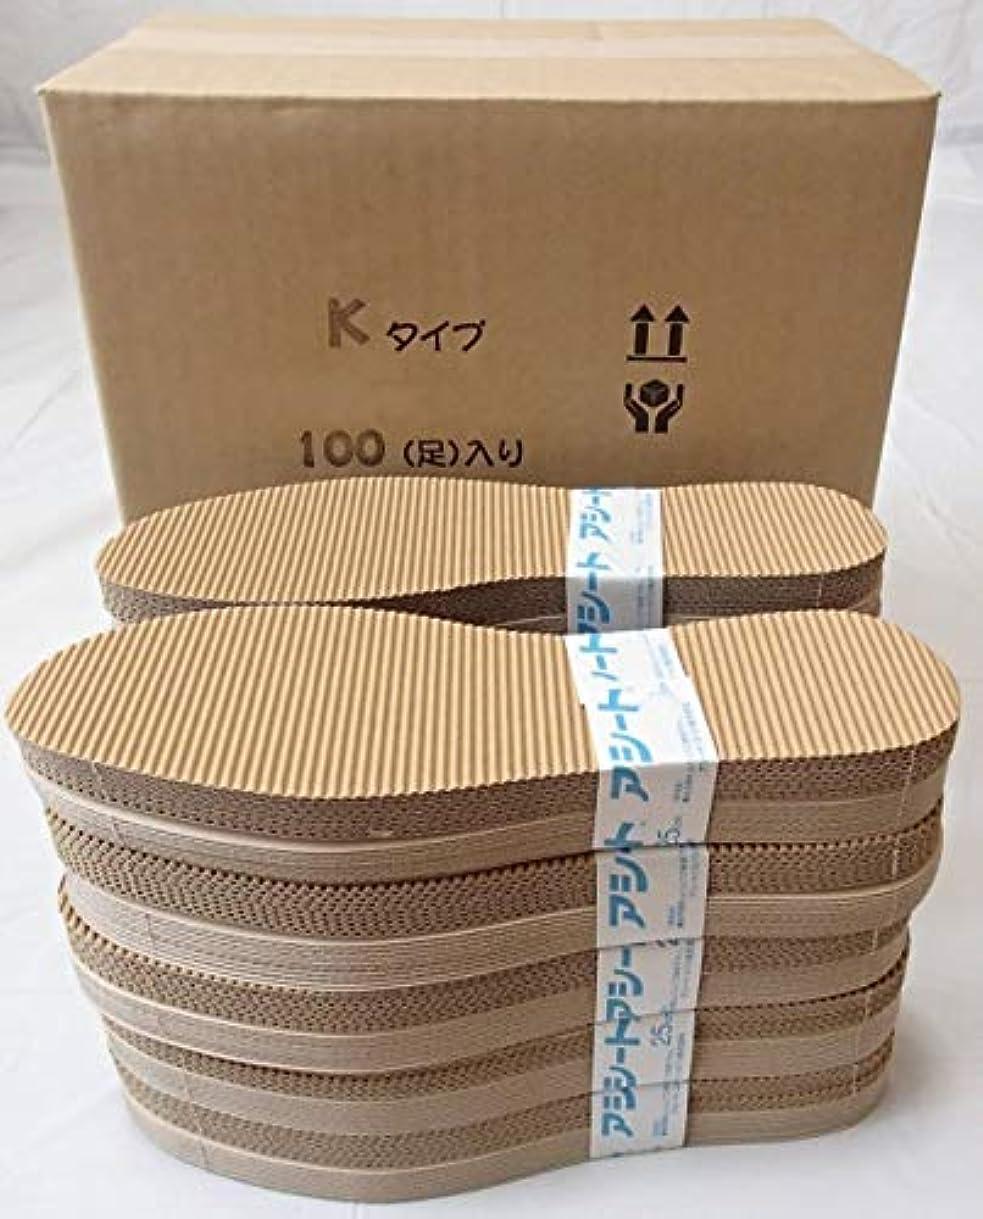 引退したモジュール記念日アシートKタイプお得用パック100足入り (22.5~23.0cm)